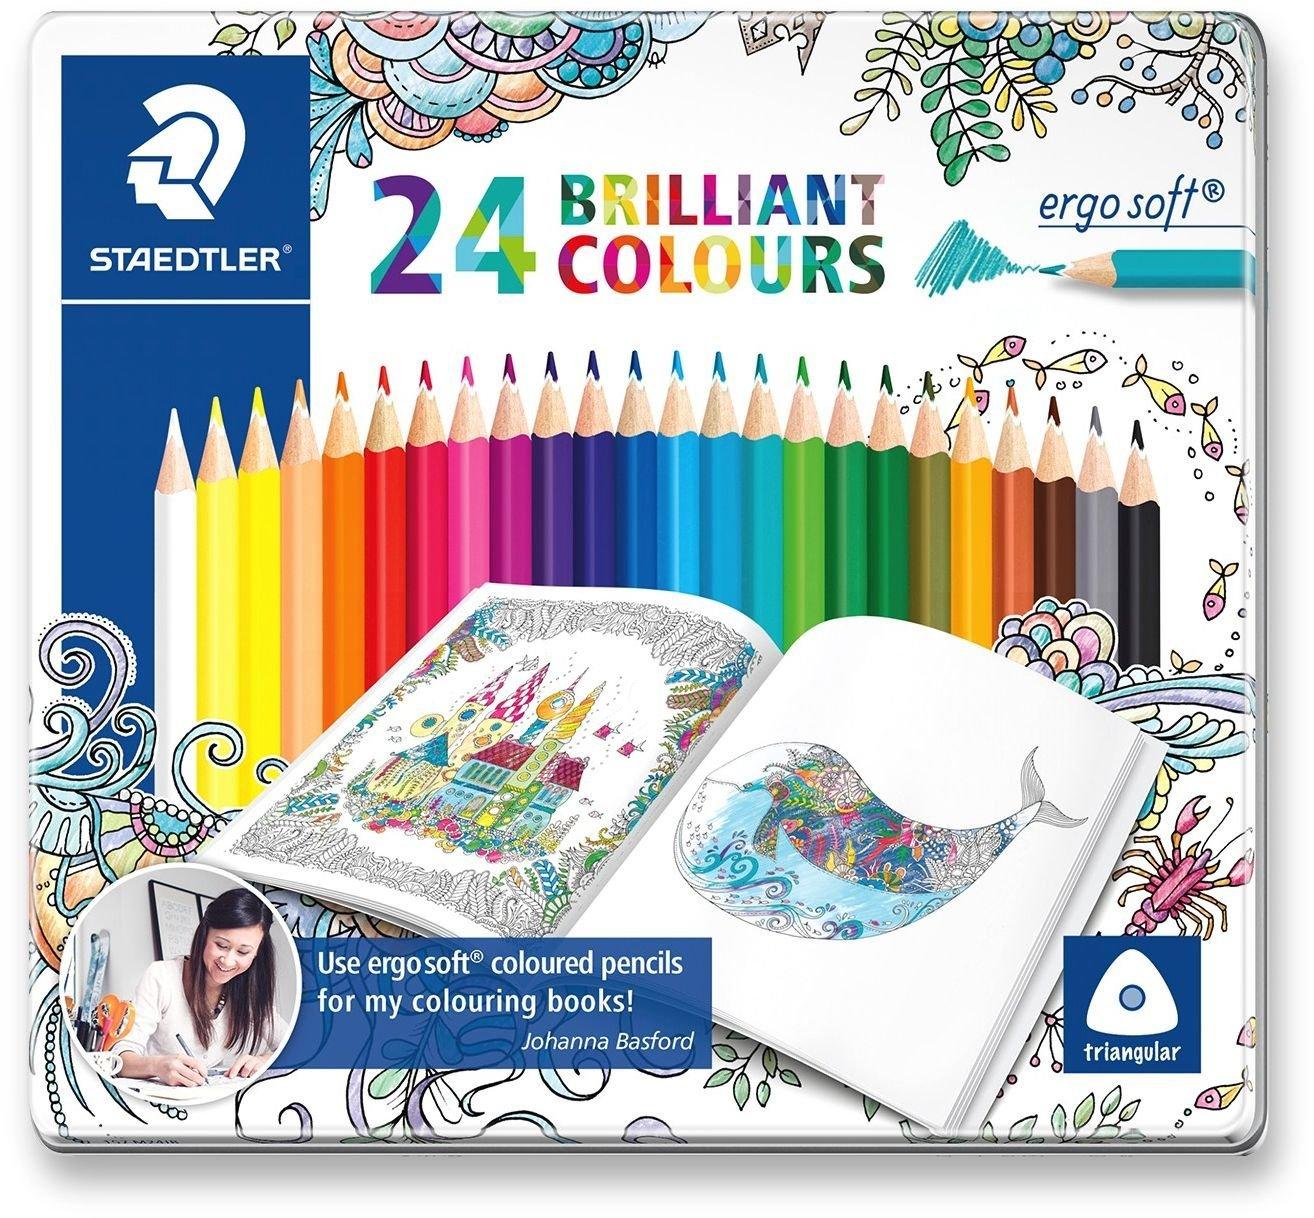 Staedtler ergo soft Buntstifte, Dreikantform, rutschfeste Soft-Oberfläche 24er-Metalletui für 6,49€ & Pilot Faserschreiber FriXion Colors 6er-Set für 4,49€ (Müller)